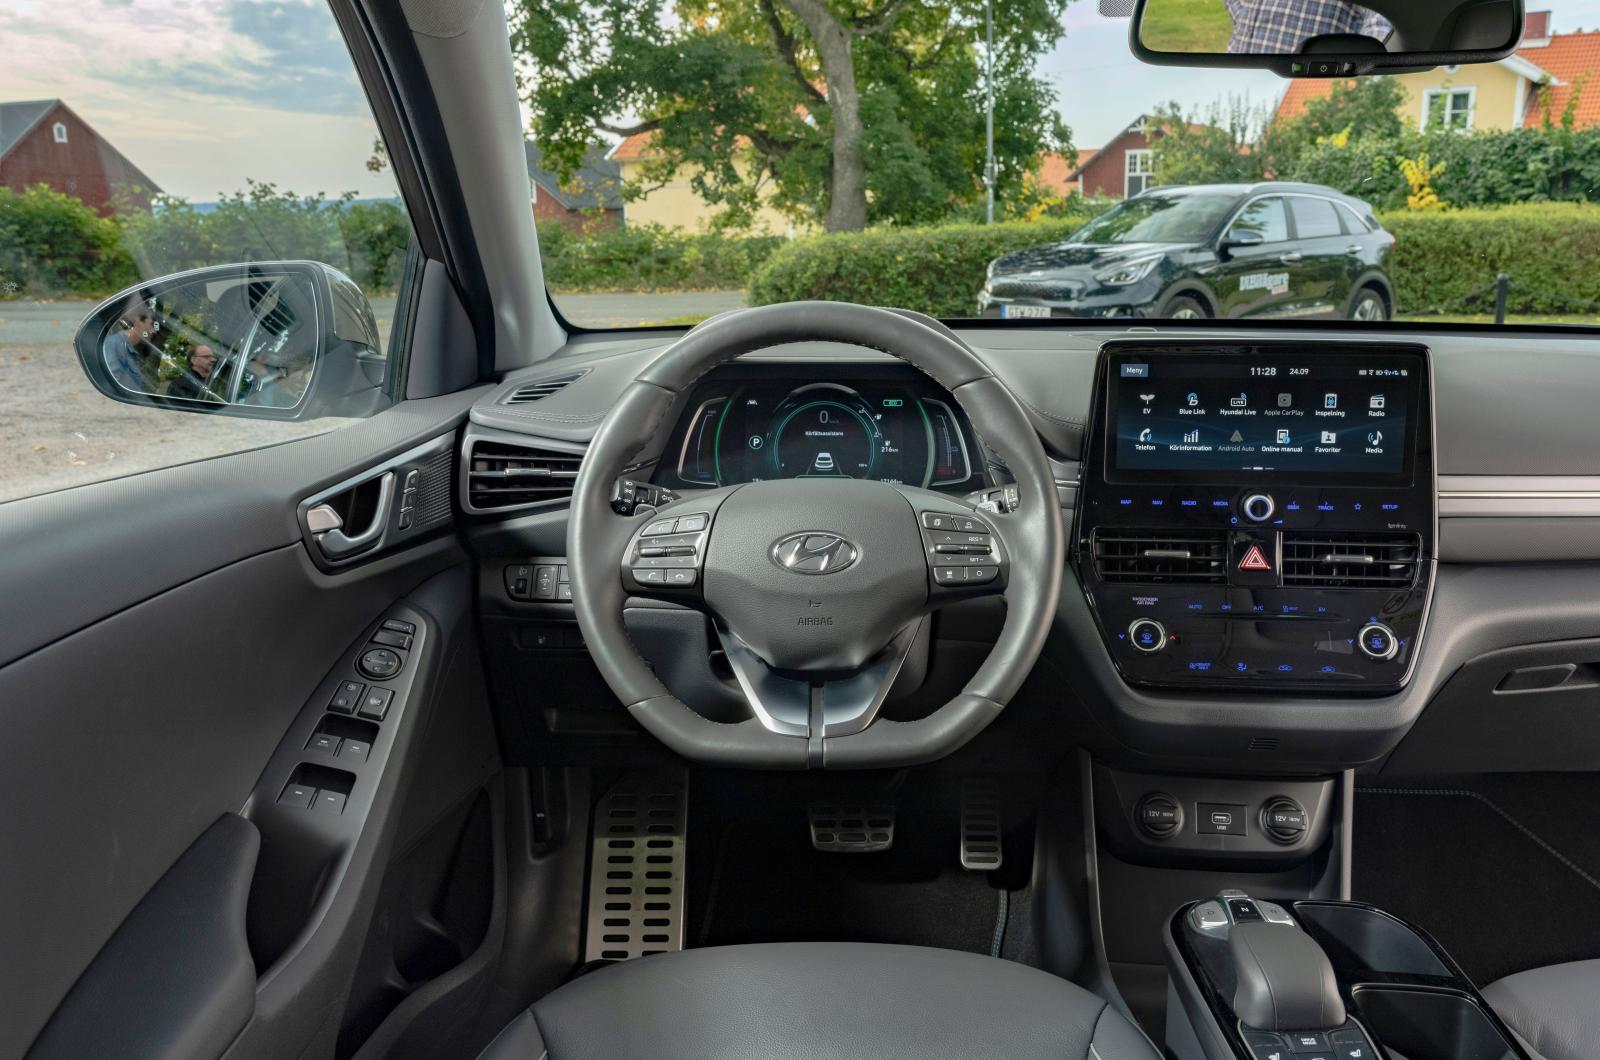 Hyundai: Nedtonat, nästan som ett svartvitt foto, utmärkt finish och logisk skötsel utmärker Ioniqs förarplats. Växelväljare med knappar mellan stolarna.